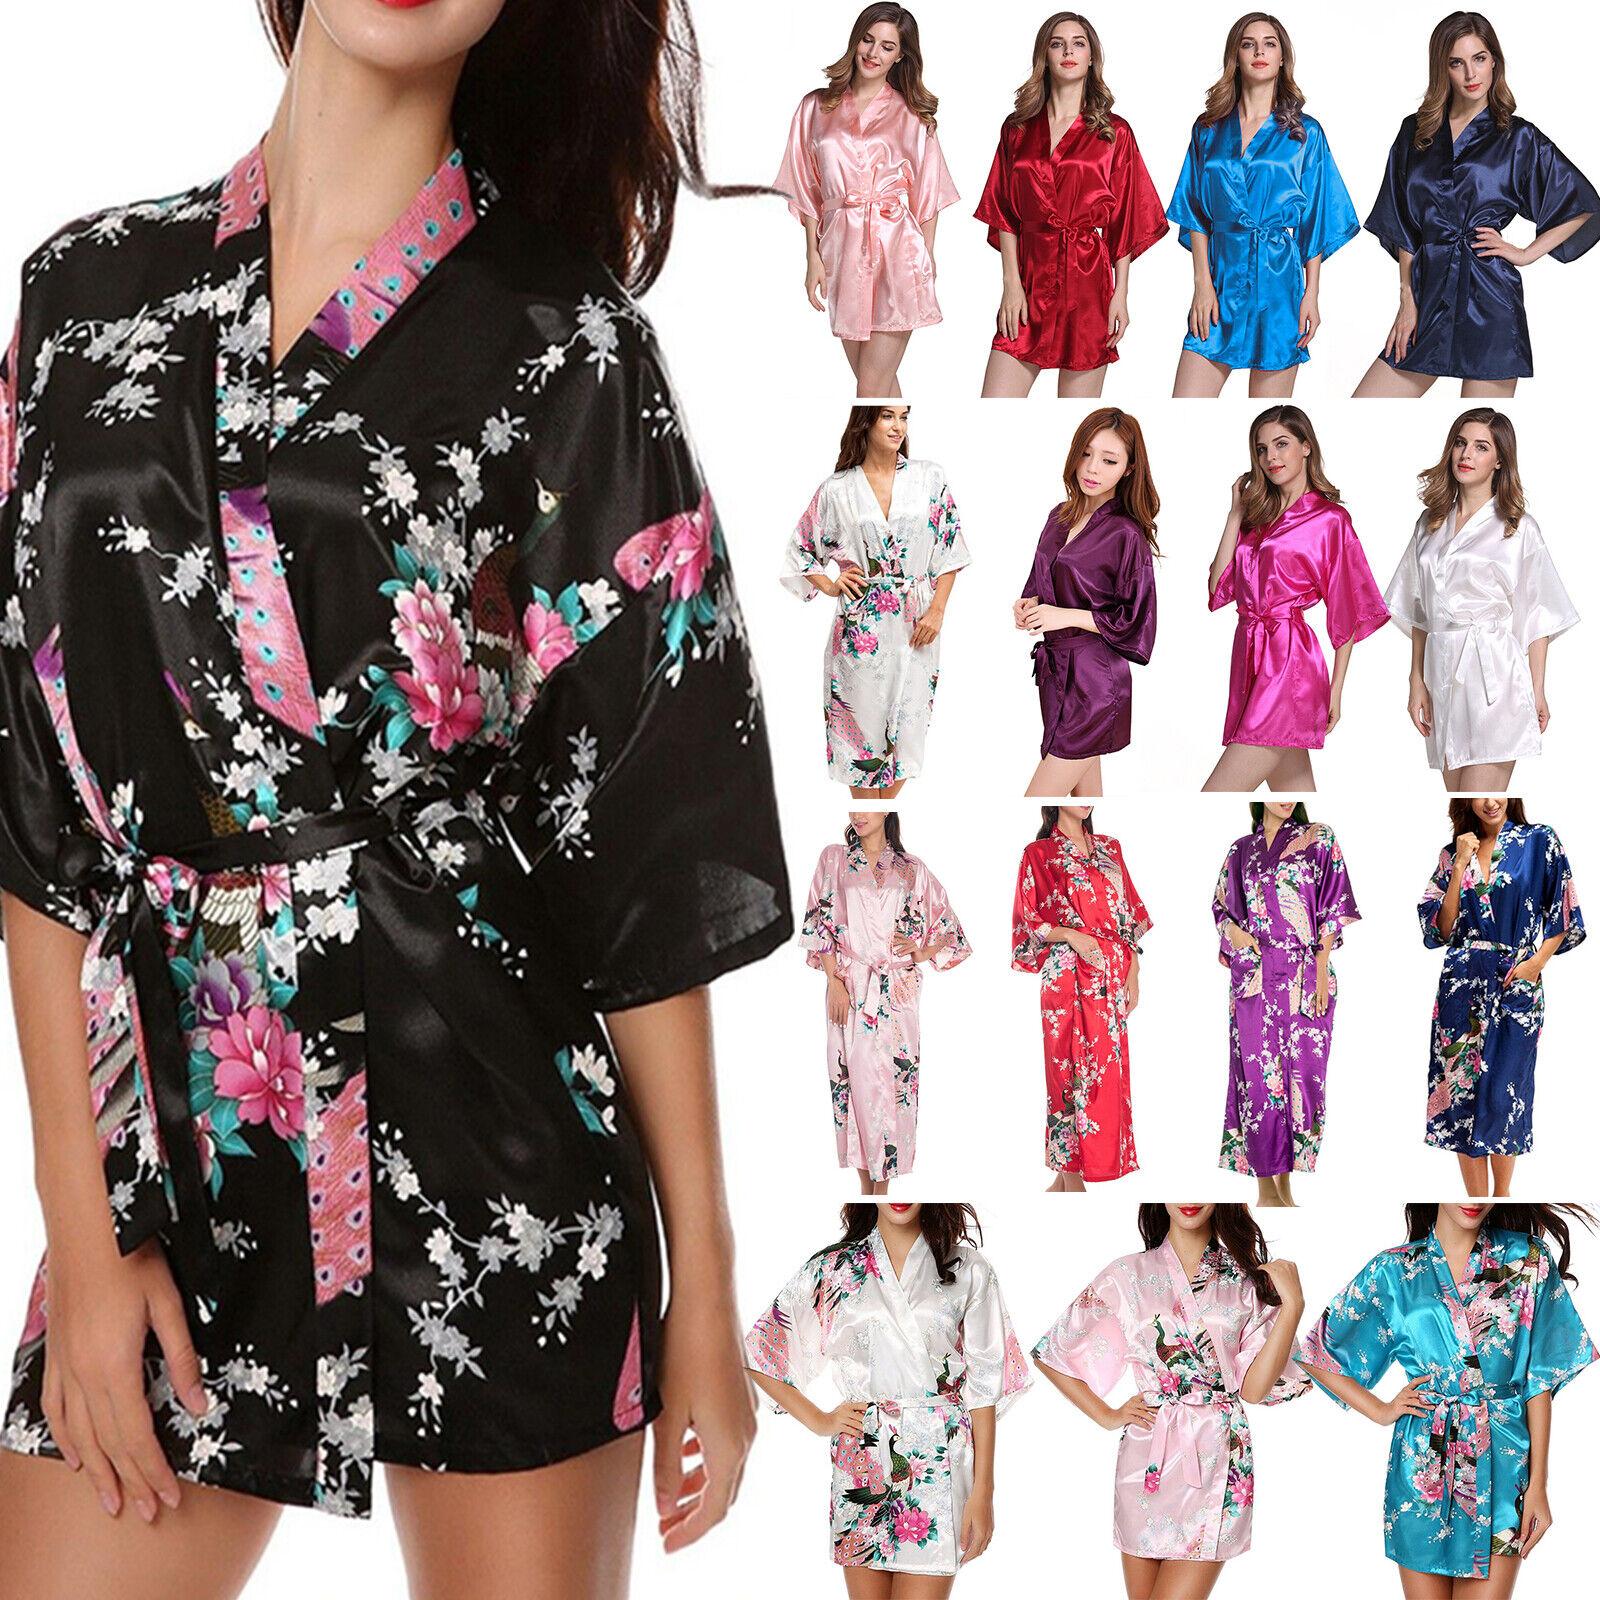 Women Silk Satin Wedding Party Bridesmaid Robe Floral Bathrobe Kimono Nightgown